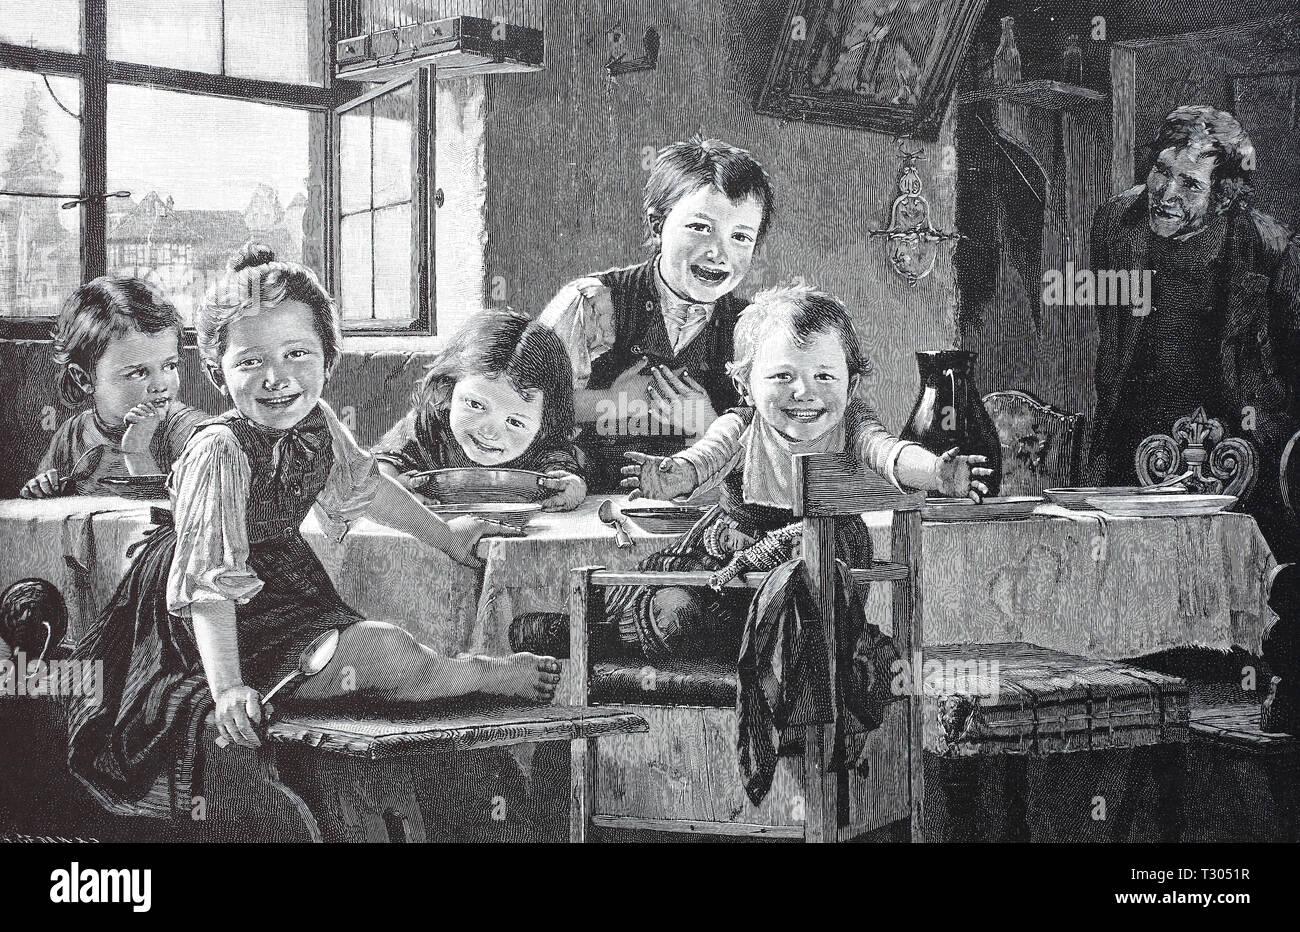 https www alamyimages fr l amelioration de la reproduction numerique vive de l alimentation se fait sur sur la table l enfant foule est heureux que la mere lui apporte de la nourriture a partir de l kurche hurra das essen kommt auf den tisch kinderschar freut sich die darauf dass die mutter das essen aus der bringt kurche imprimer a partir d un original du 19eme siecle image242793091 html